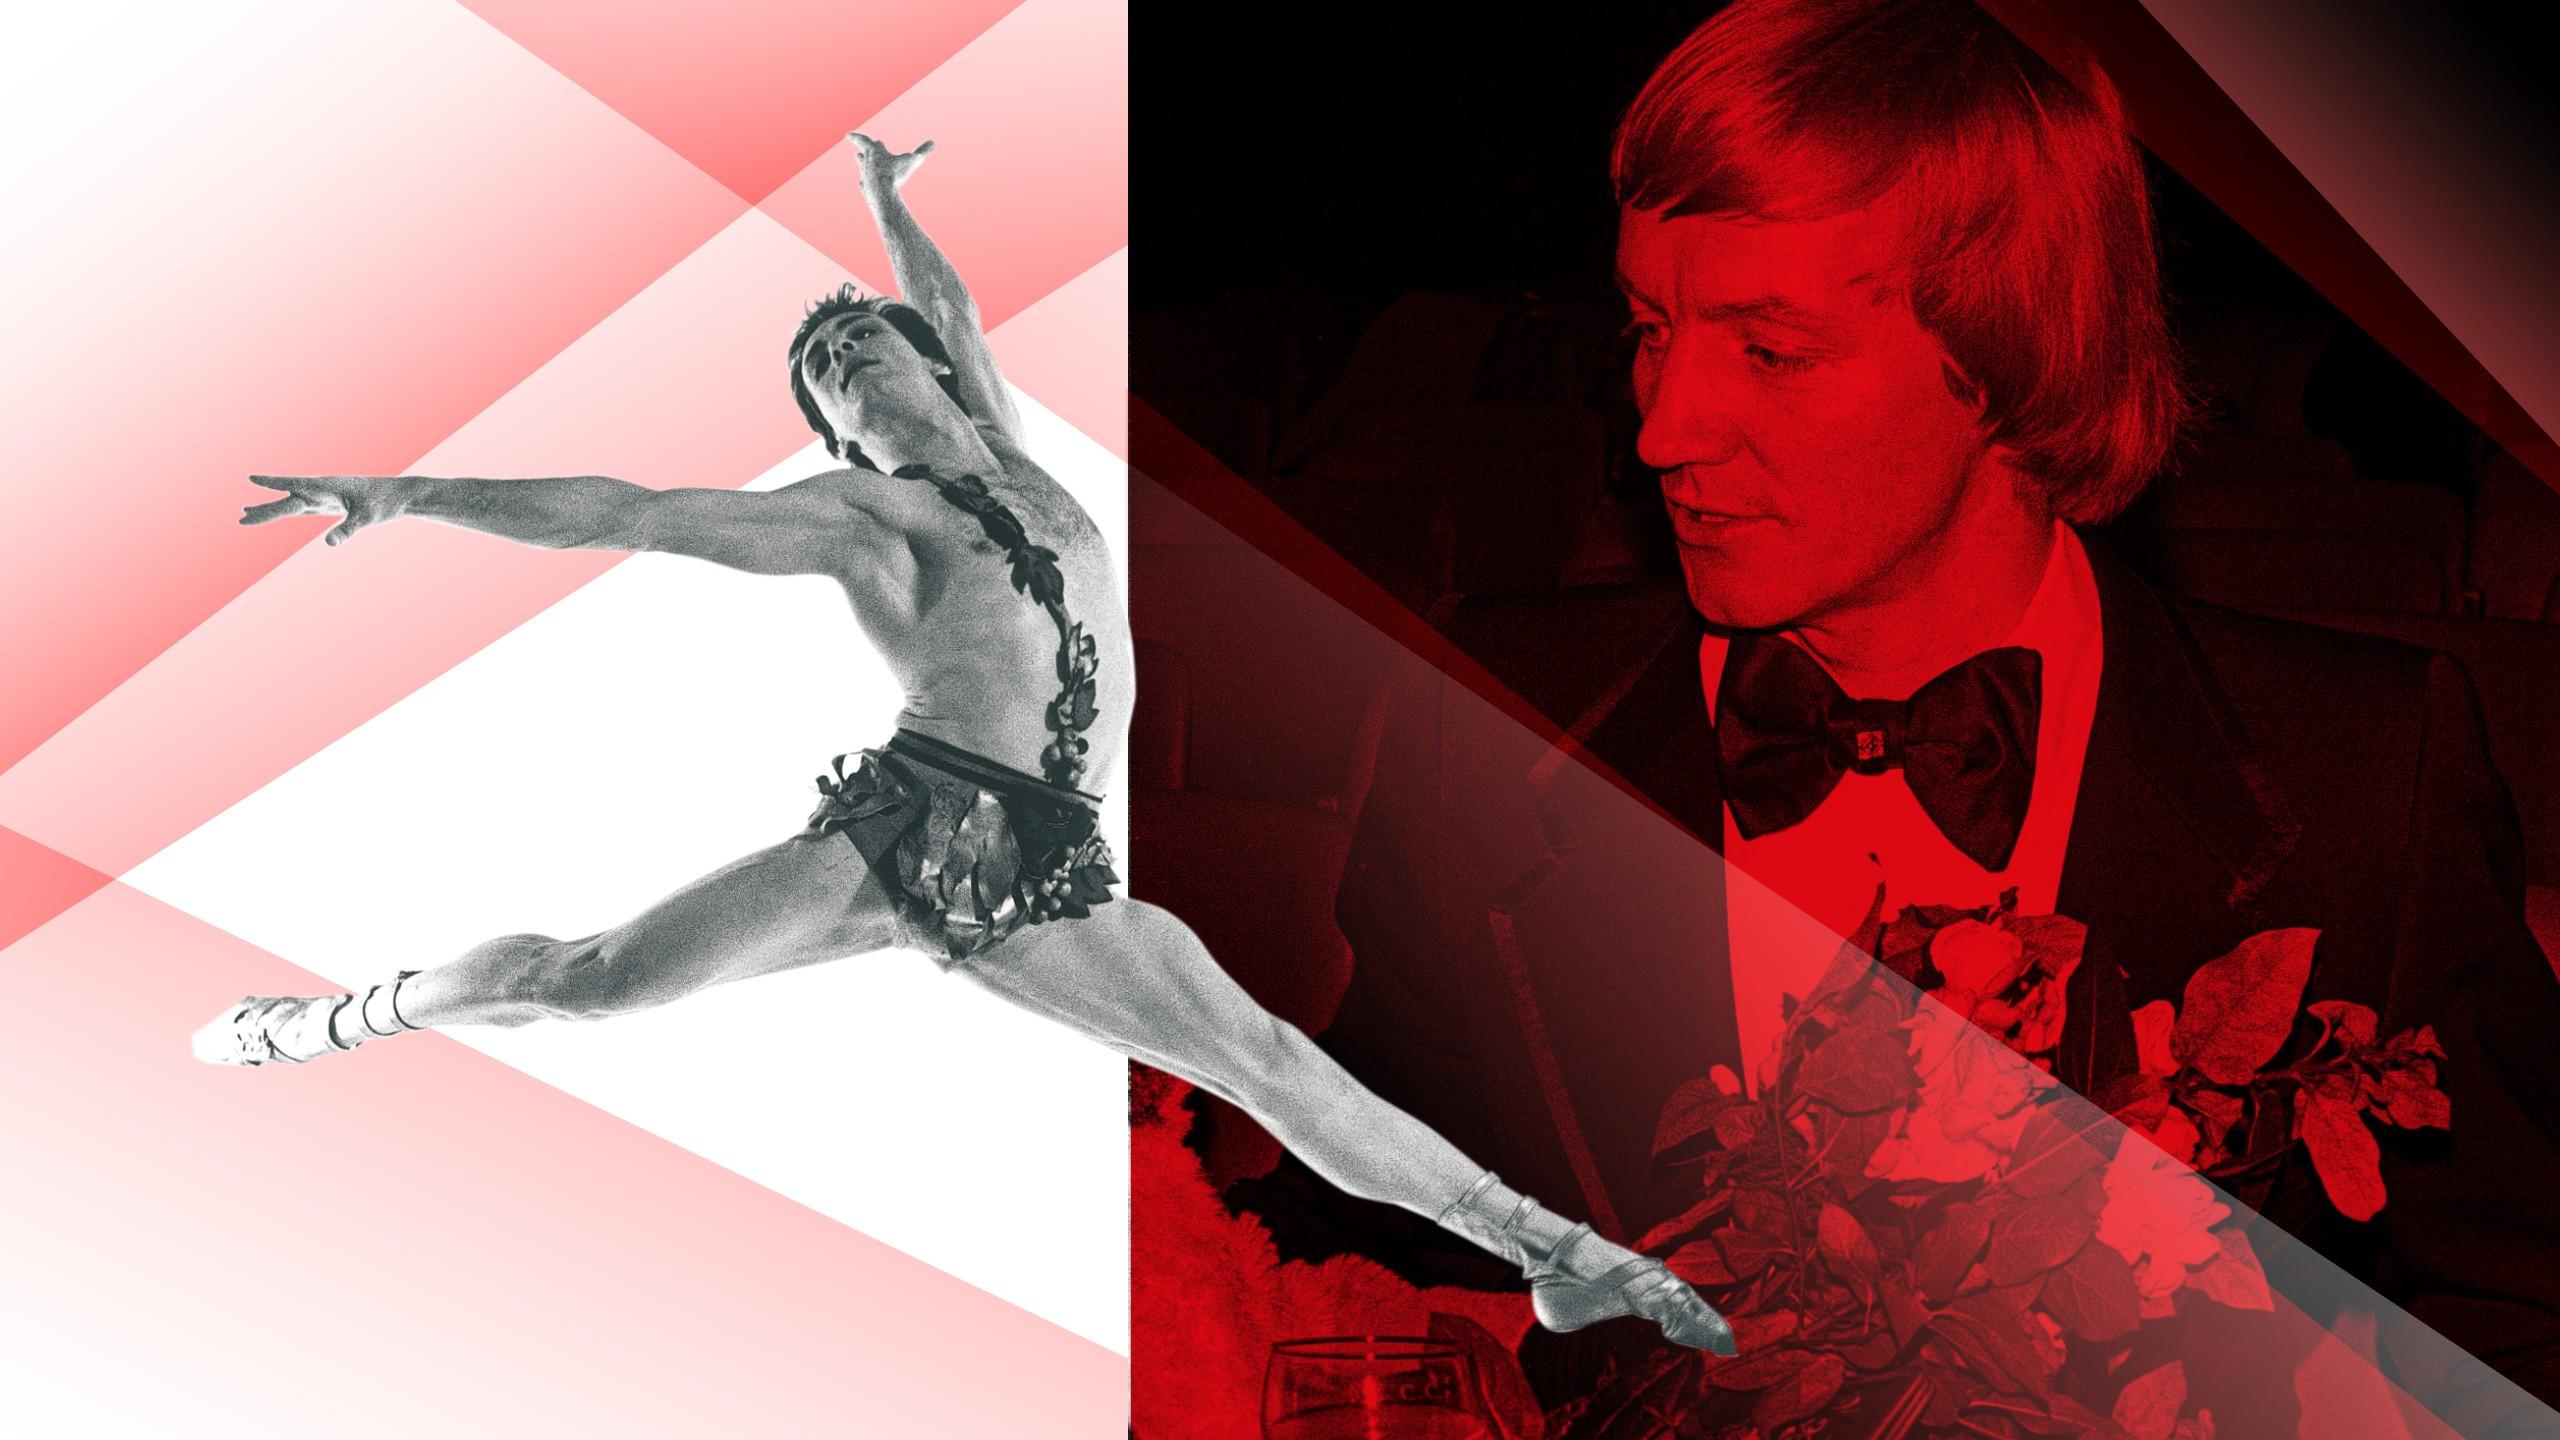 """Андрис Лиепа. Проект """"Автографы и имиджи"""". Гала-концерт звёзд мирового балета """"Марис Лиепа. С любовью"""""""